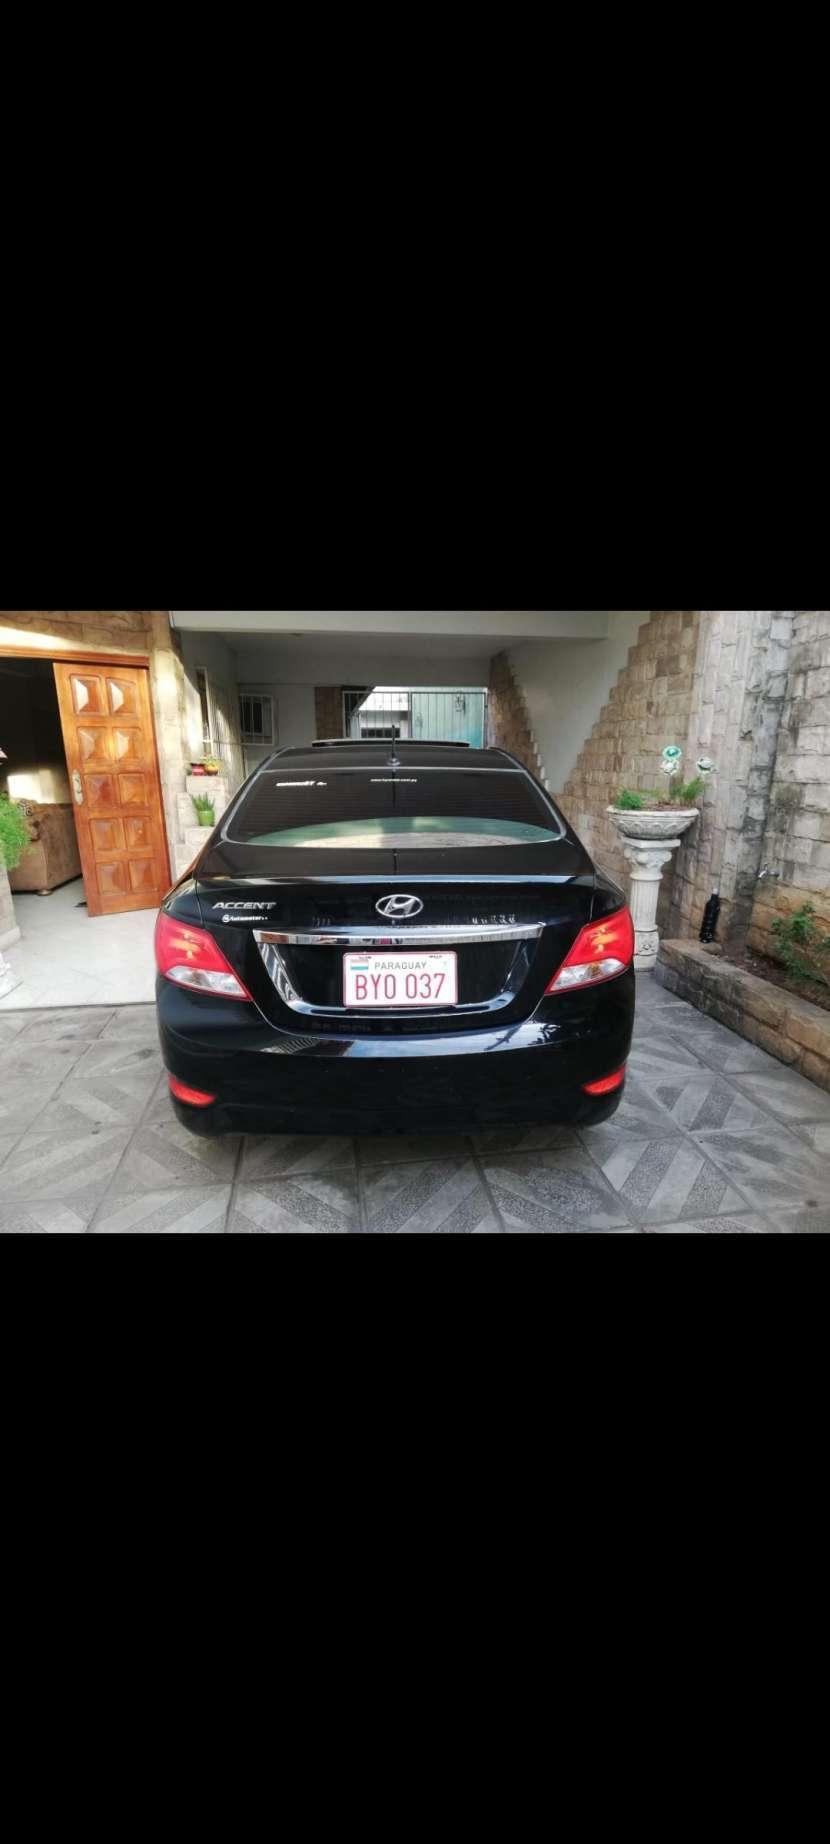 Hyundai Accent GLS 2016 automático - 2